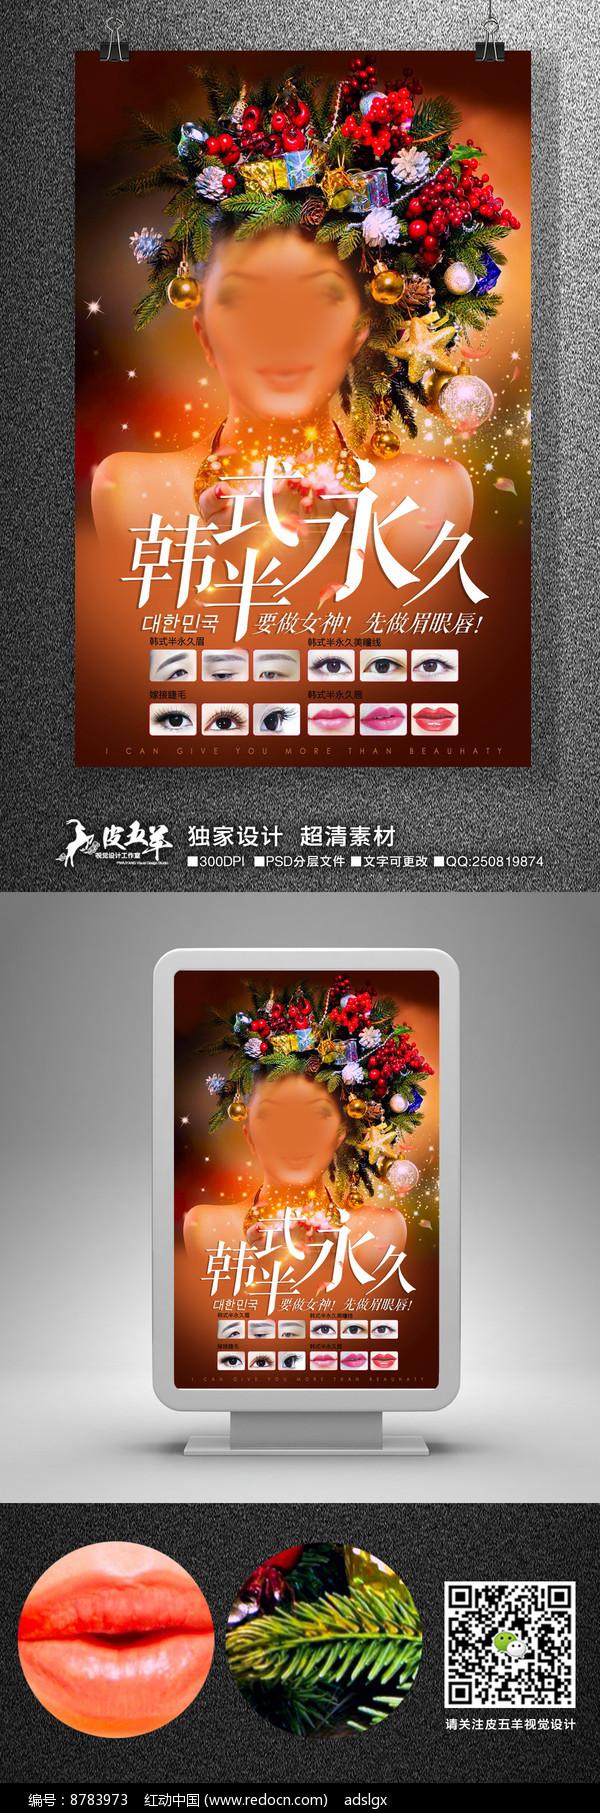 韩式半永久定妆美容海报图片